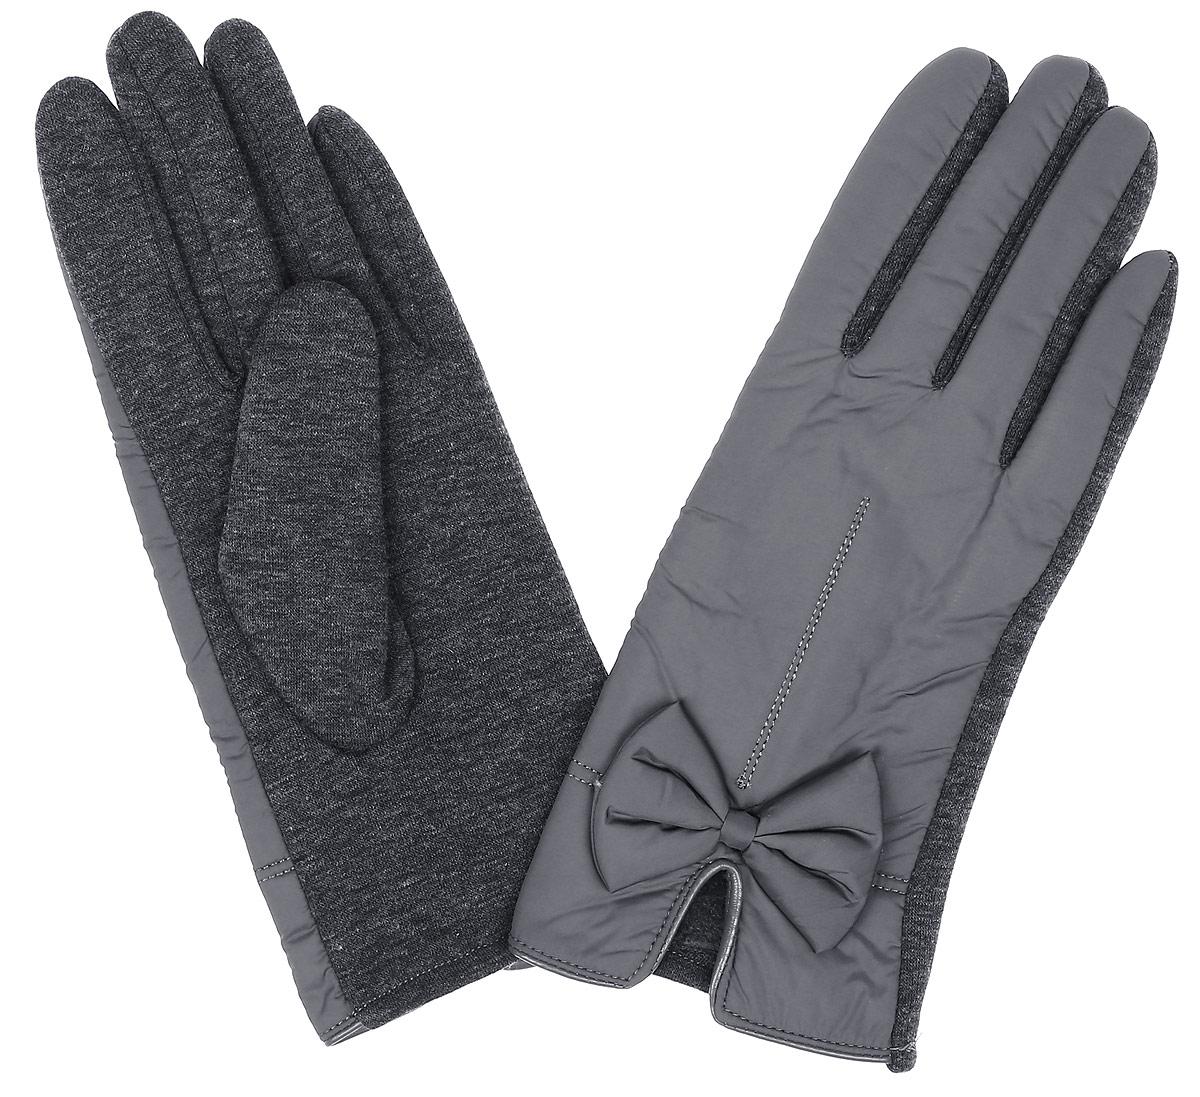 W16-11305_202Стильные женские перчатки Finn Flare изготовленные из высококачественных материалов на подкладке из полиэстера, станут идеальным вариантом для прохладной погоды. Они хорошо сохраняют тепло, мягкие, идеально сидят на руке и отлично тянутся. Перчатки оформлены отстрочками и небольшими декоративными бантиками.